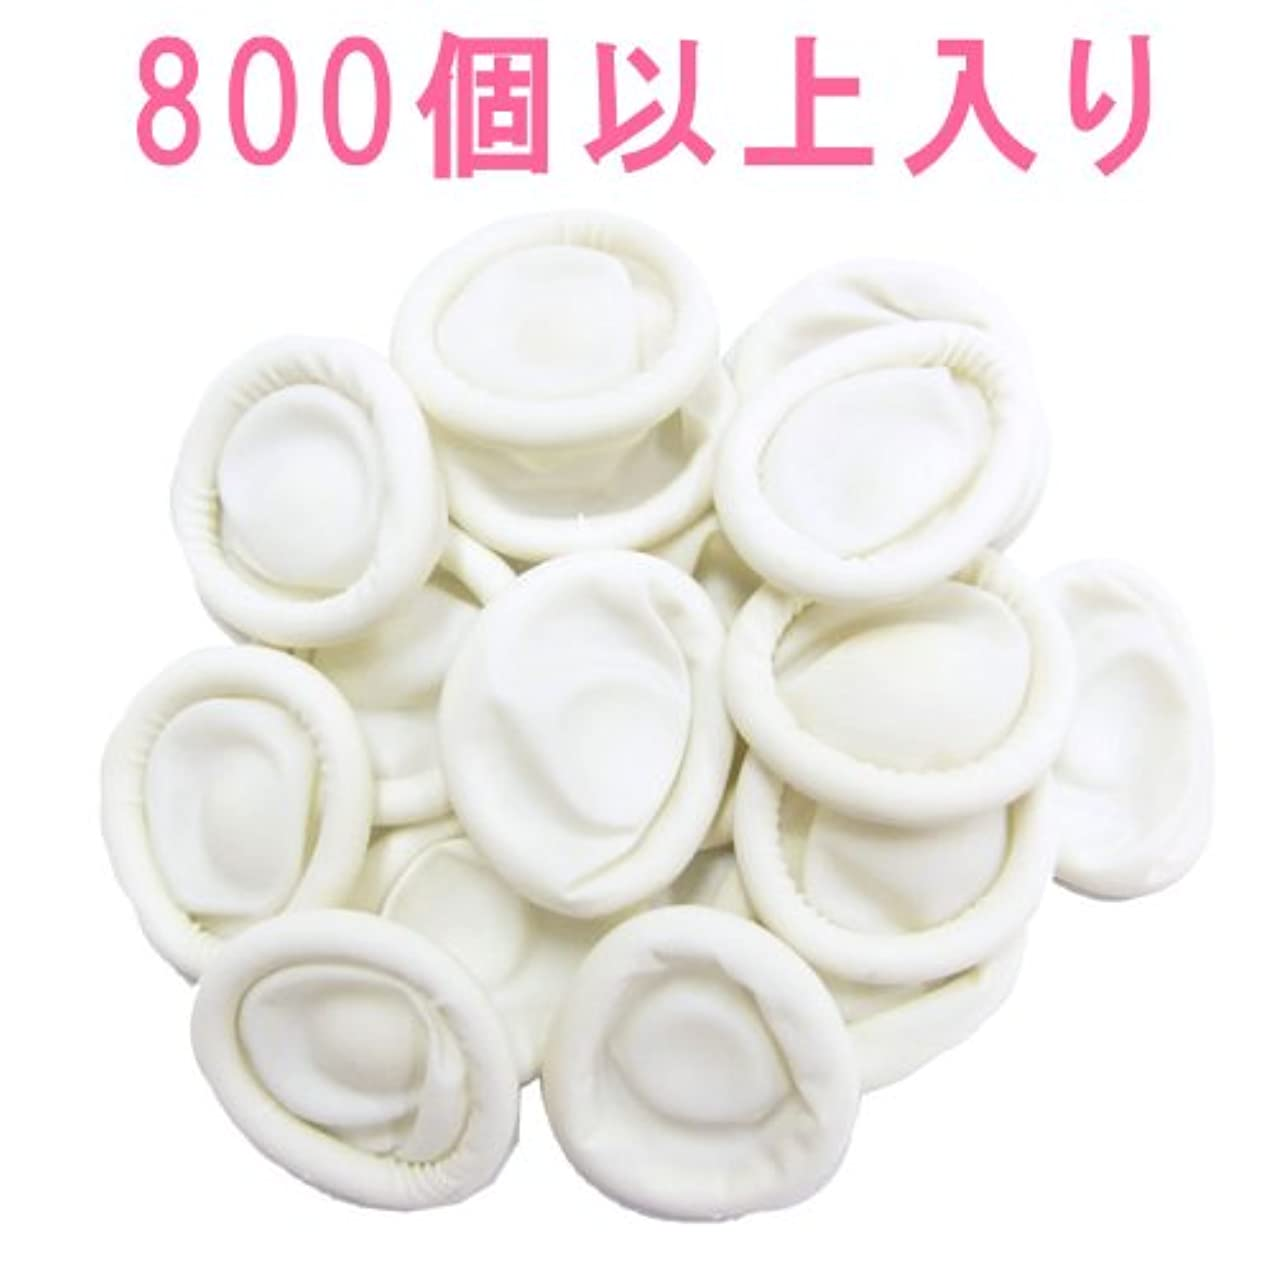 否定する手つかずの冷蔵庫指ゴム ジェルオフキャップ ジェルオフカバー☆【800個以上入り】